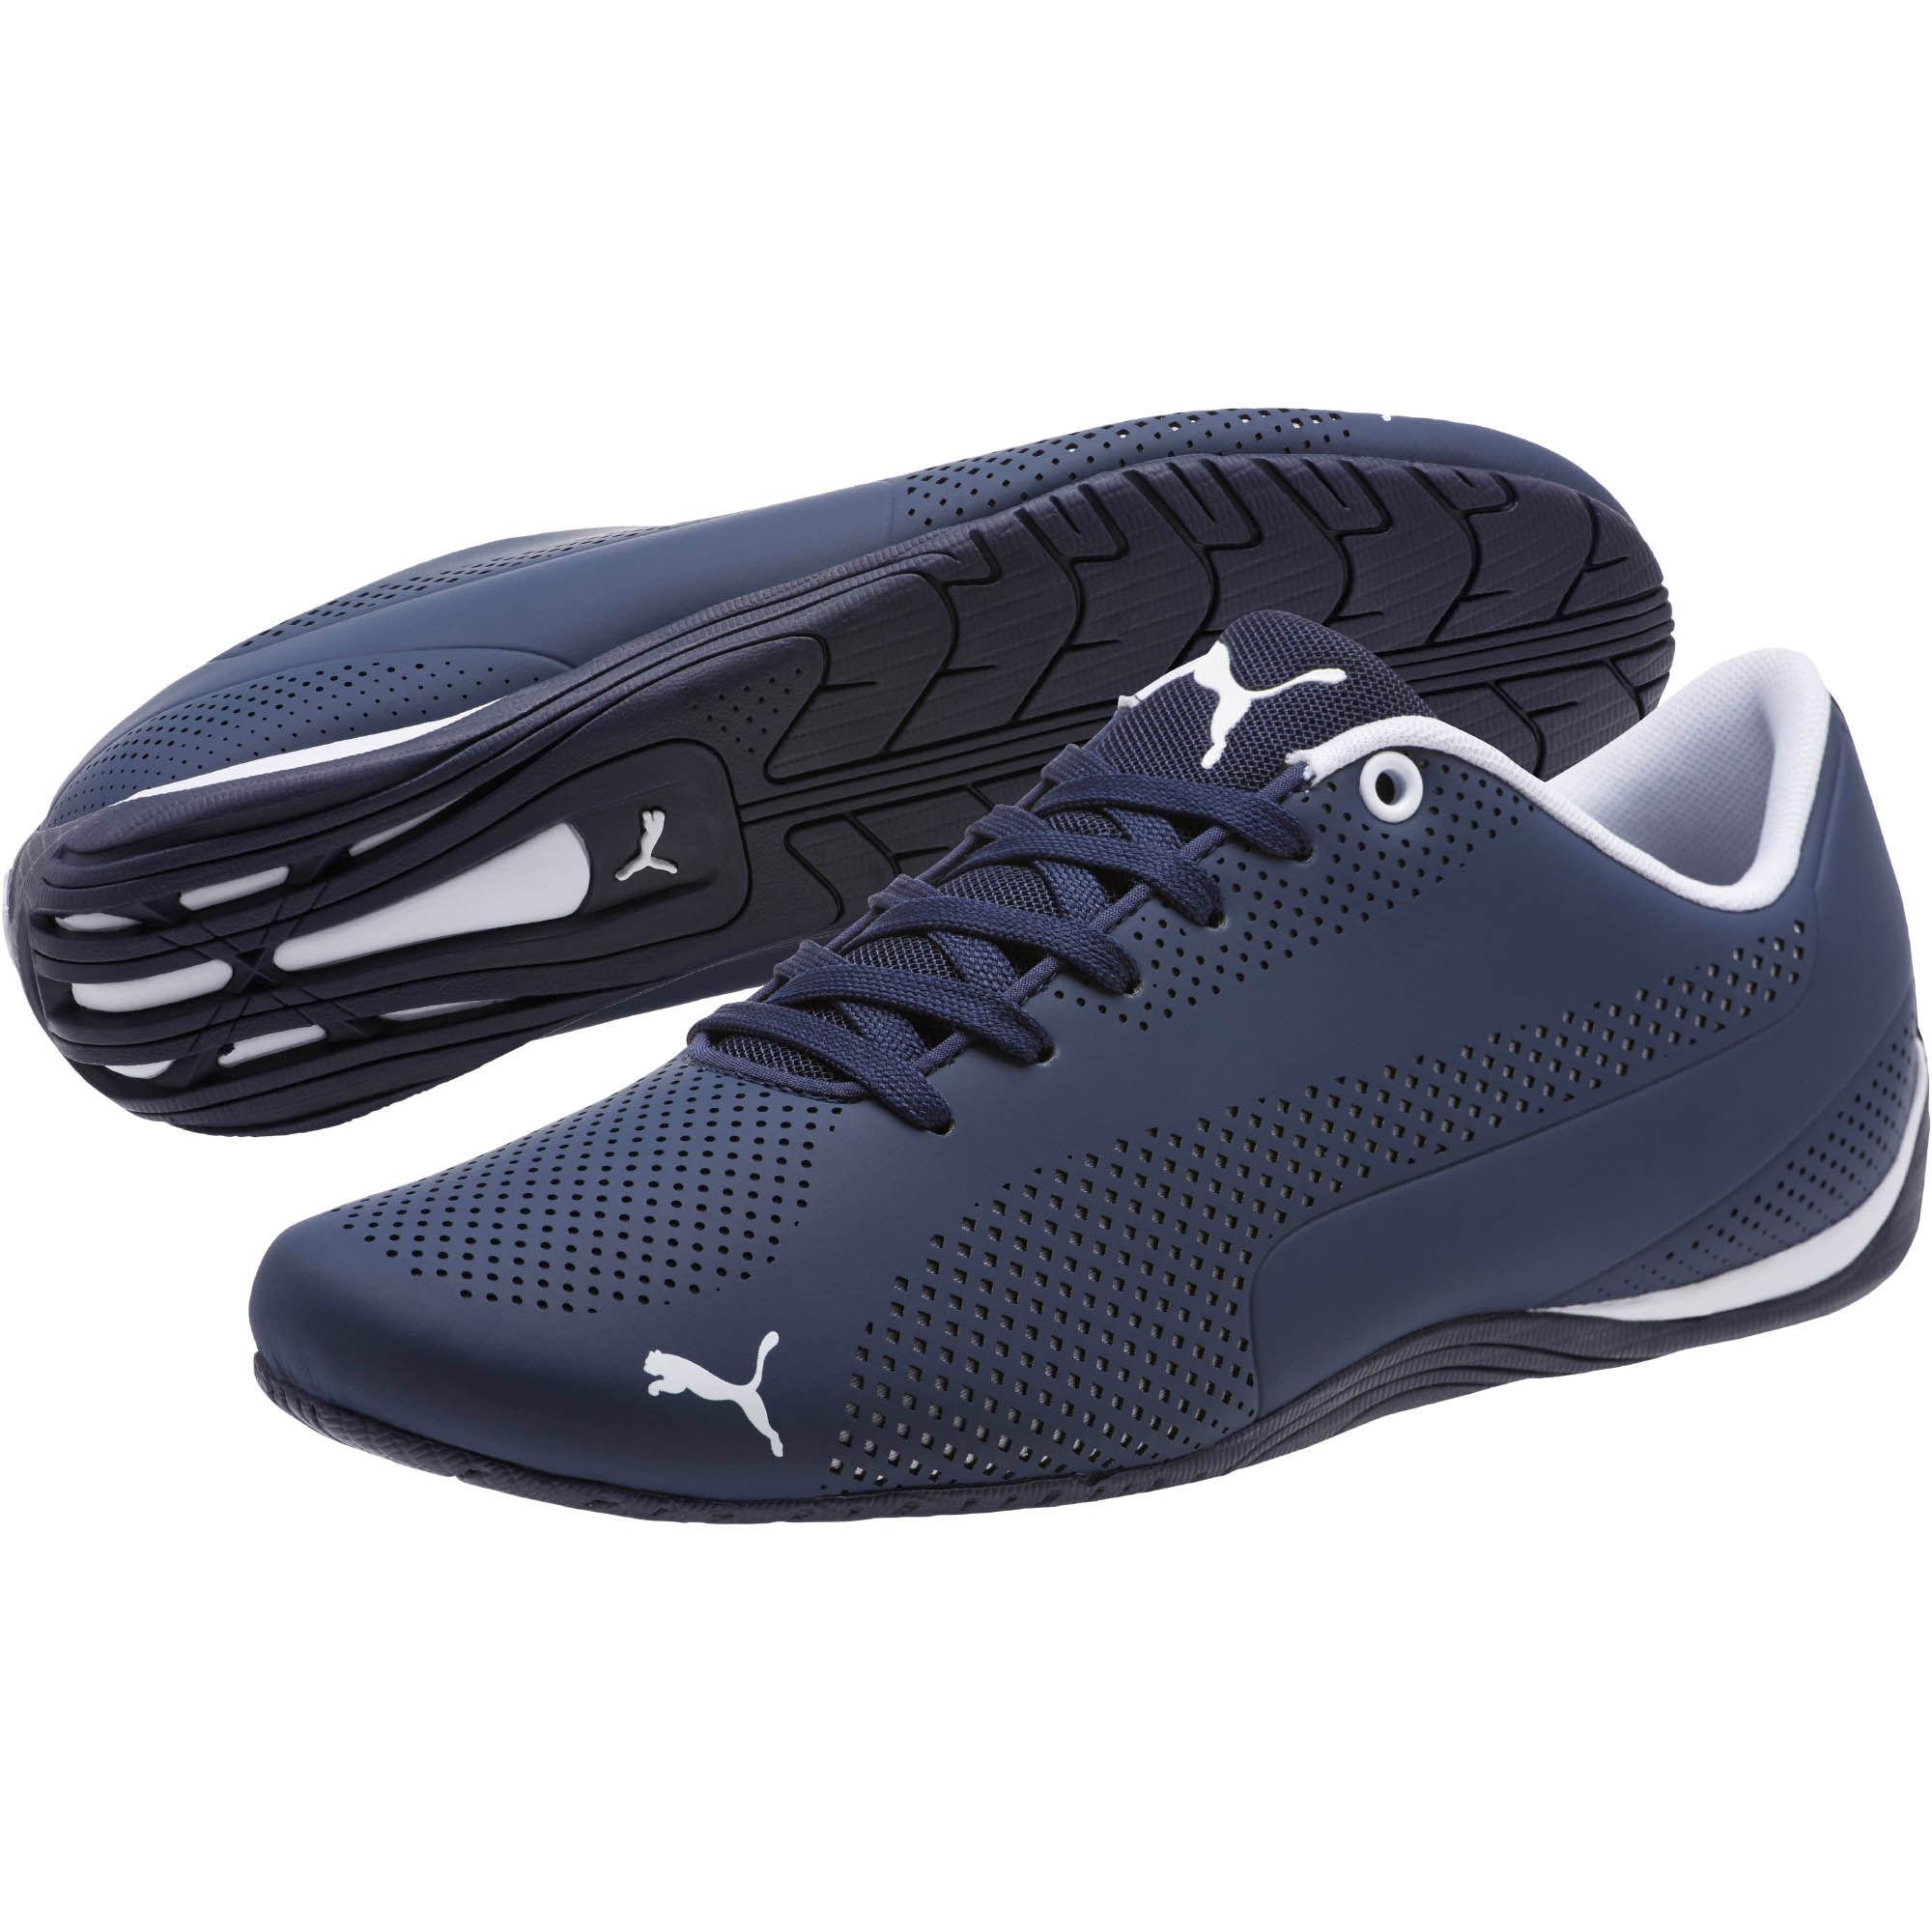 04b6c3a89cdd9f Puma Men s 5 Cat Drift Lyst For Blue Ultra Men Shoes In dURqx1Atxw